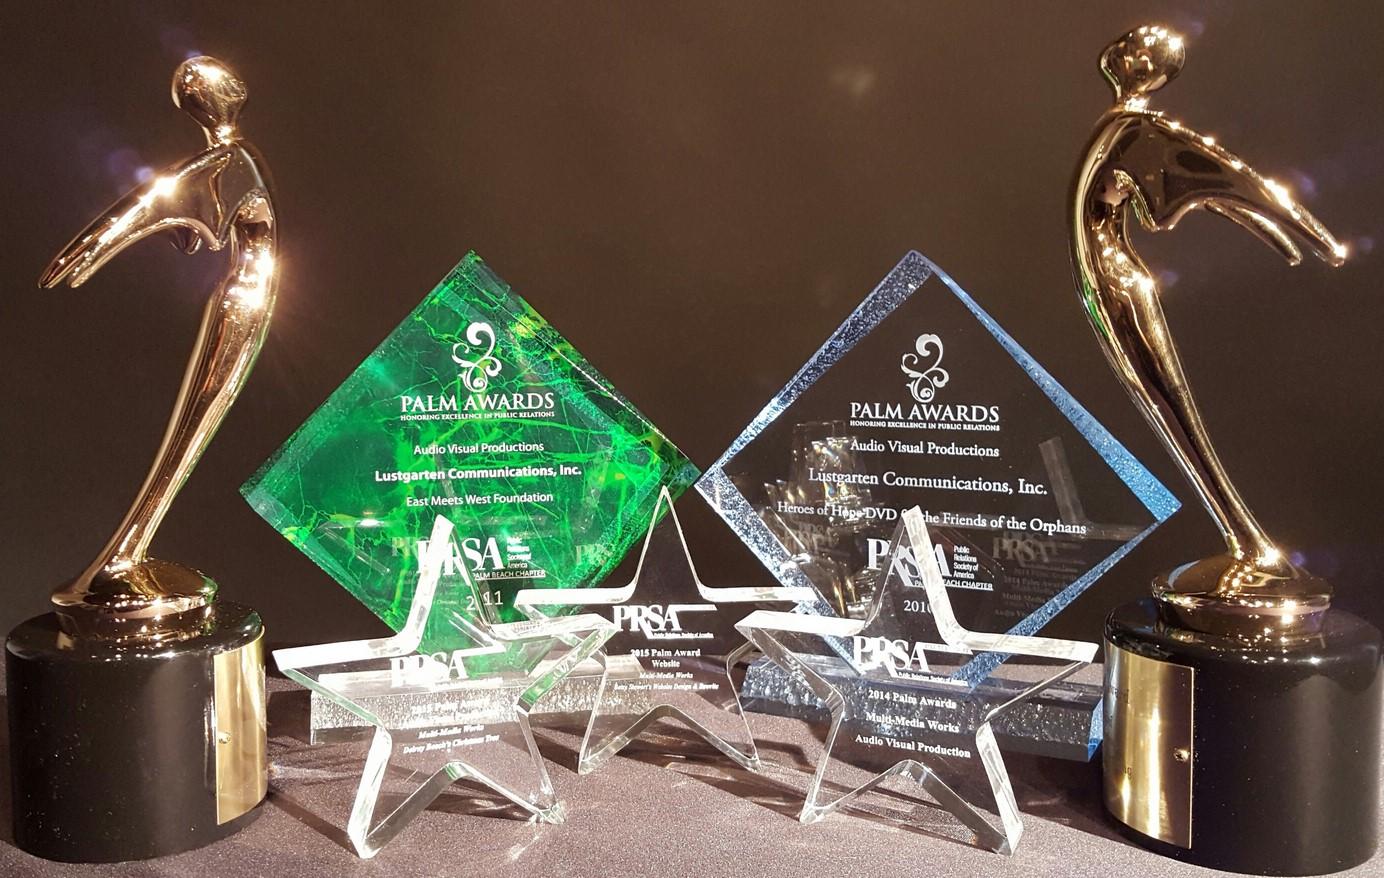 award-winning media company